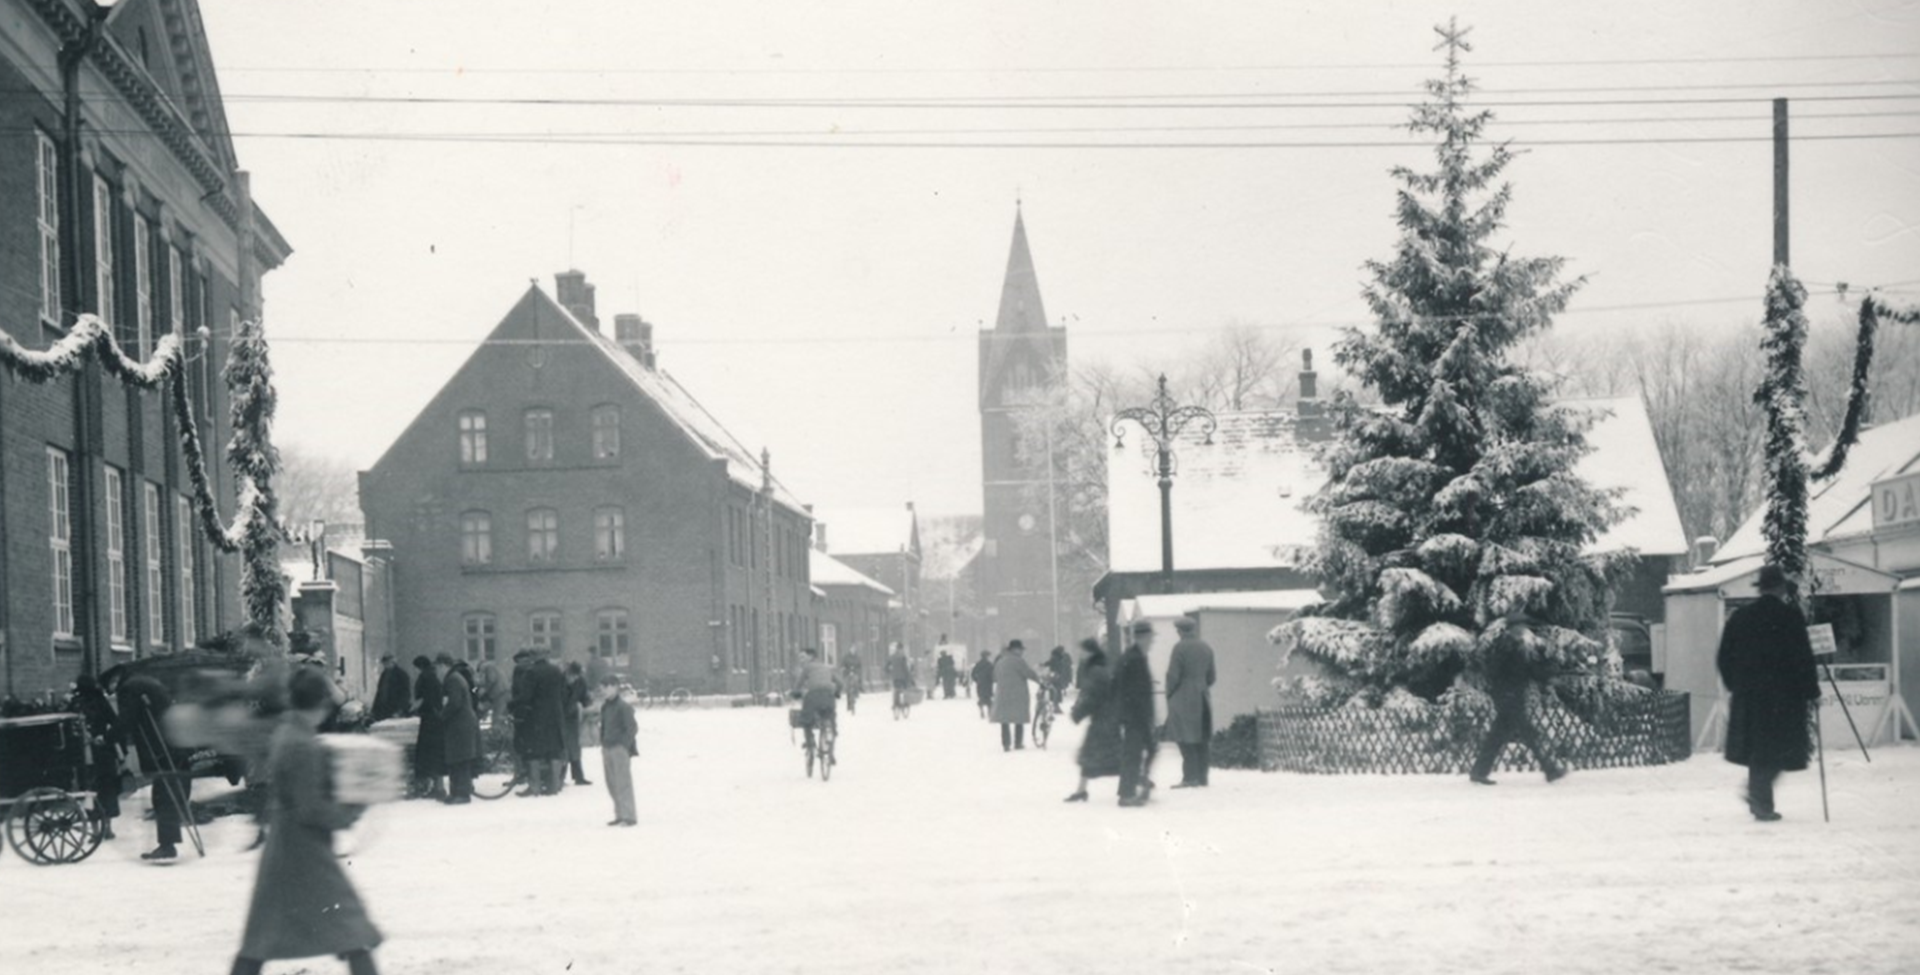 Juletræet på Torvet 1937, arkiv.dk